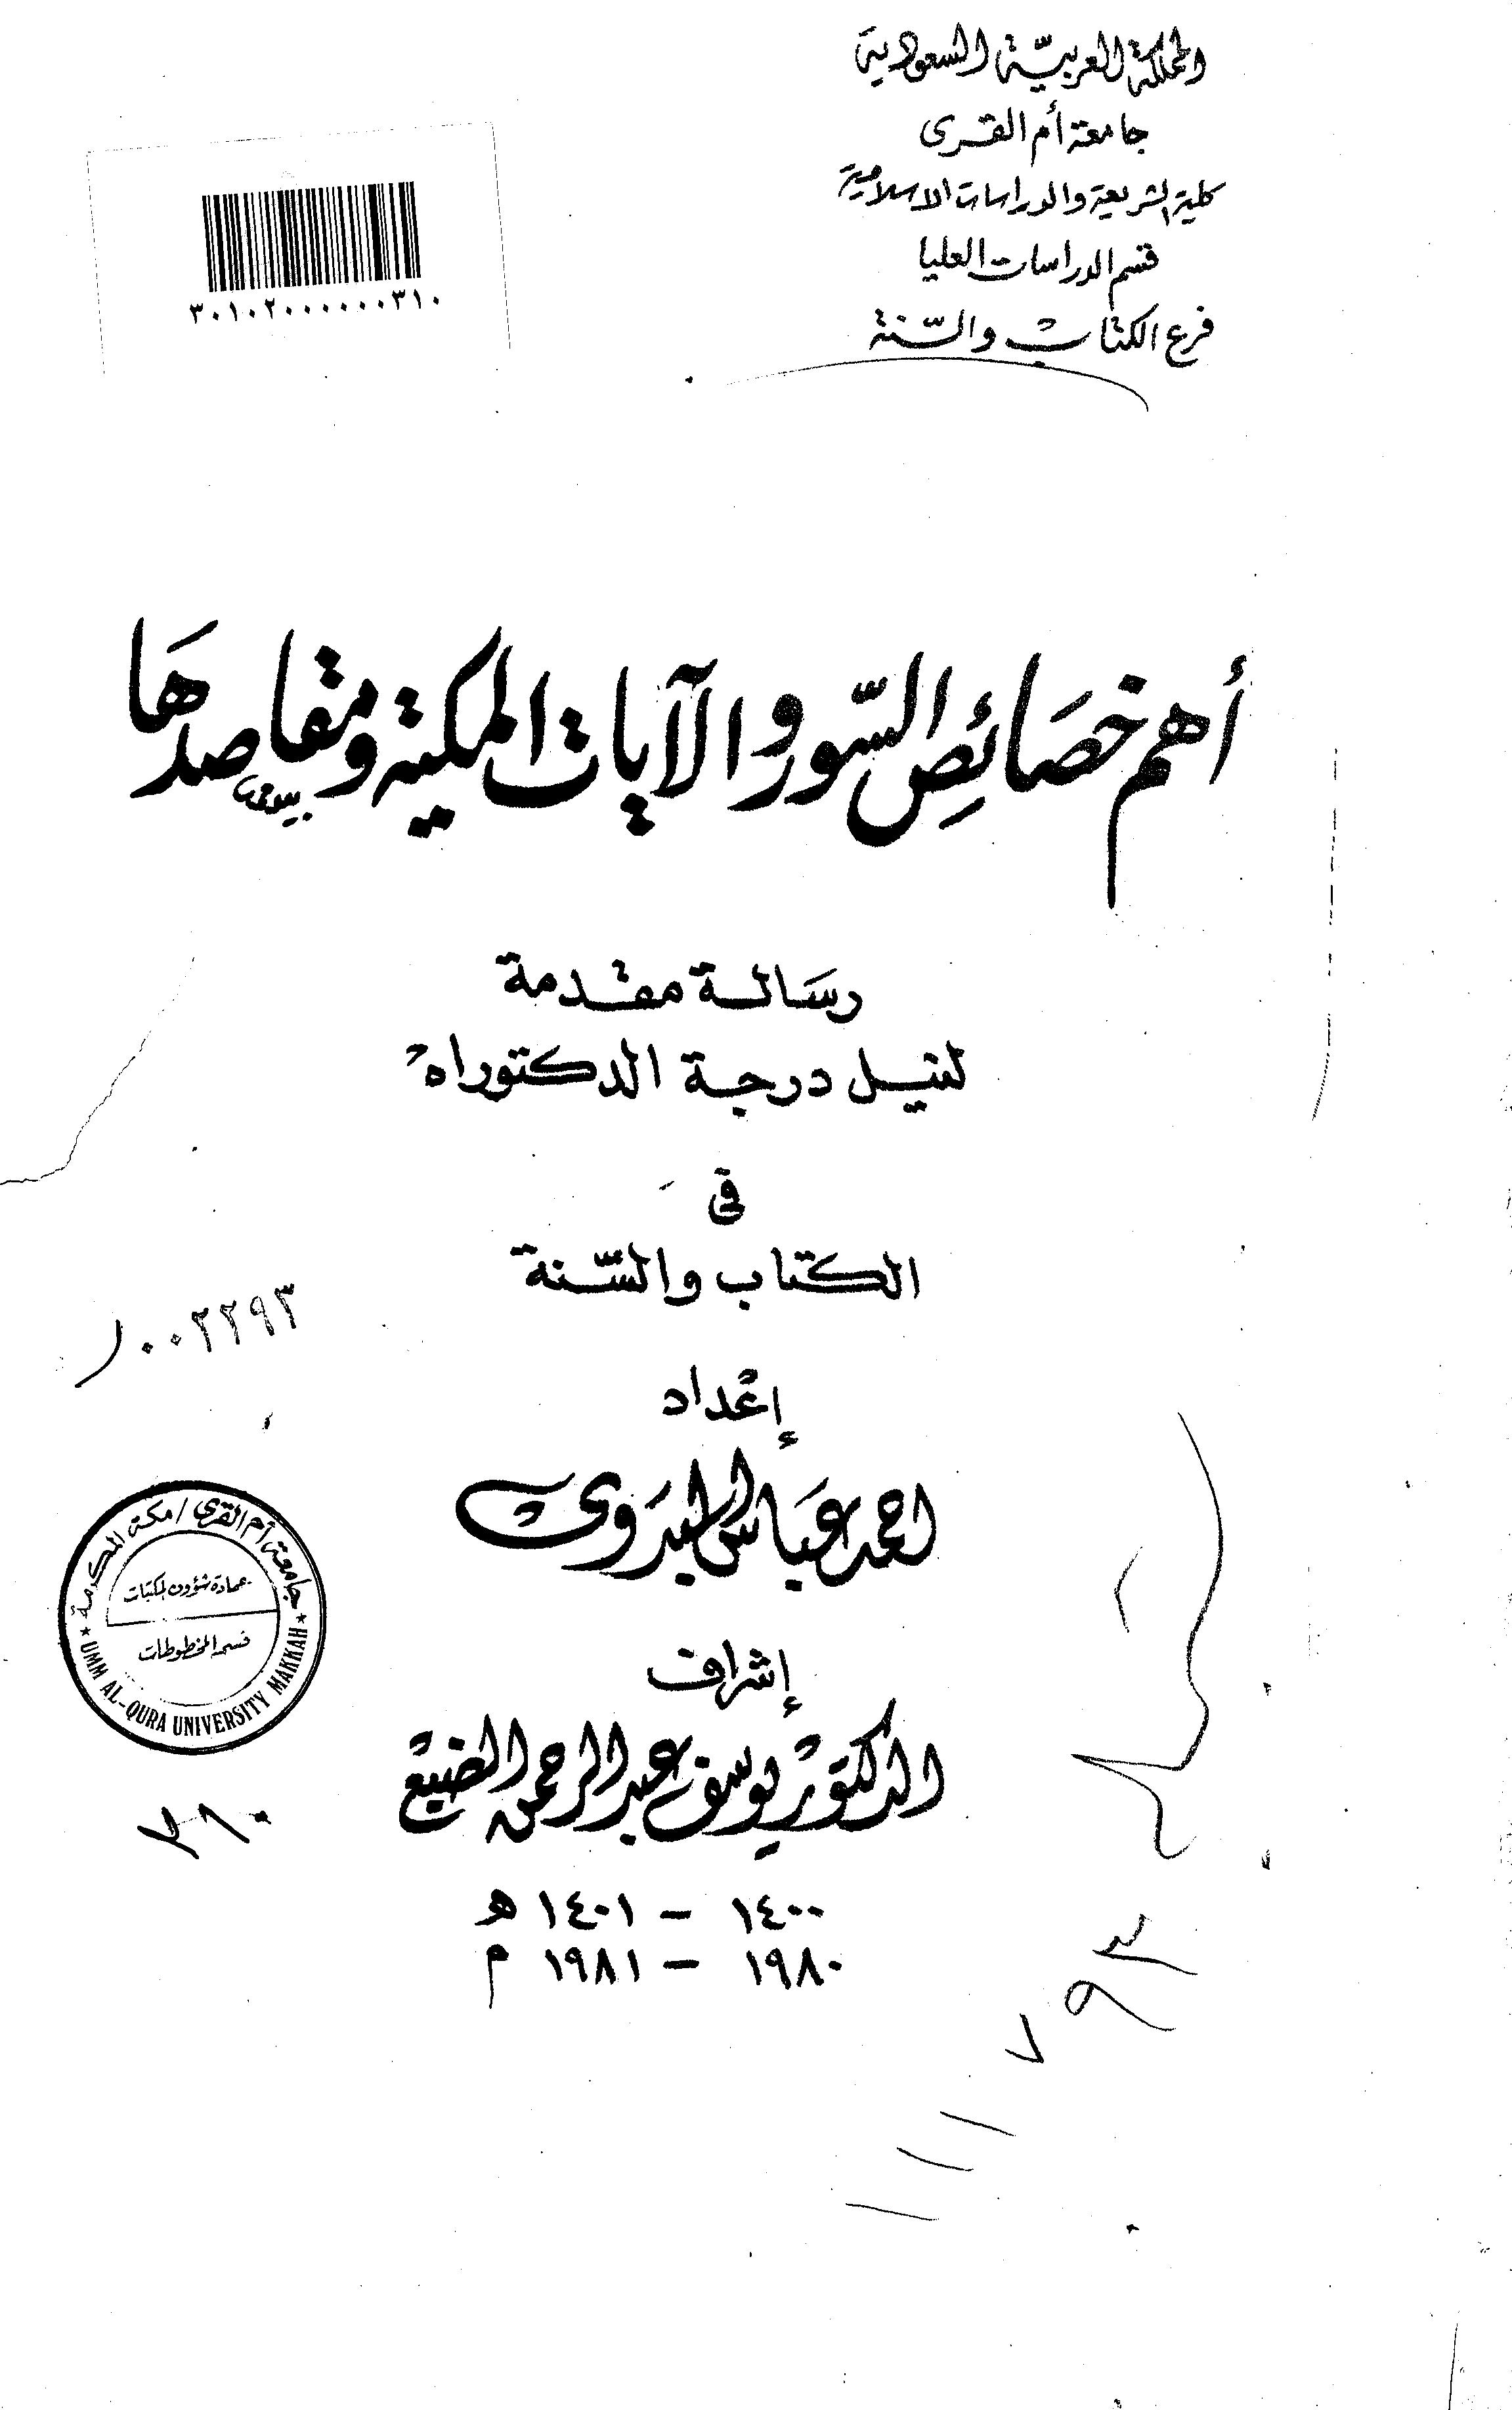 تحميل كتاب أهم خصائص السور والآيات المكية ومقاصدها لـِ: الدكتور أحمد عباس البدوي